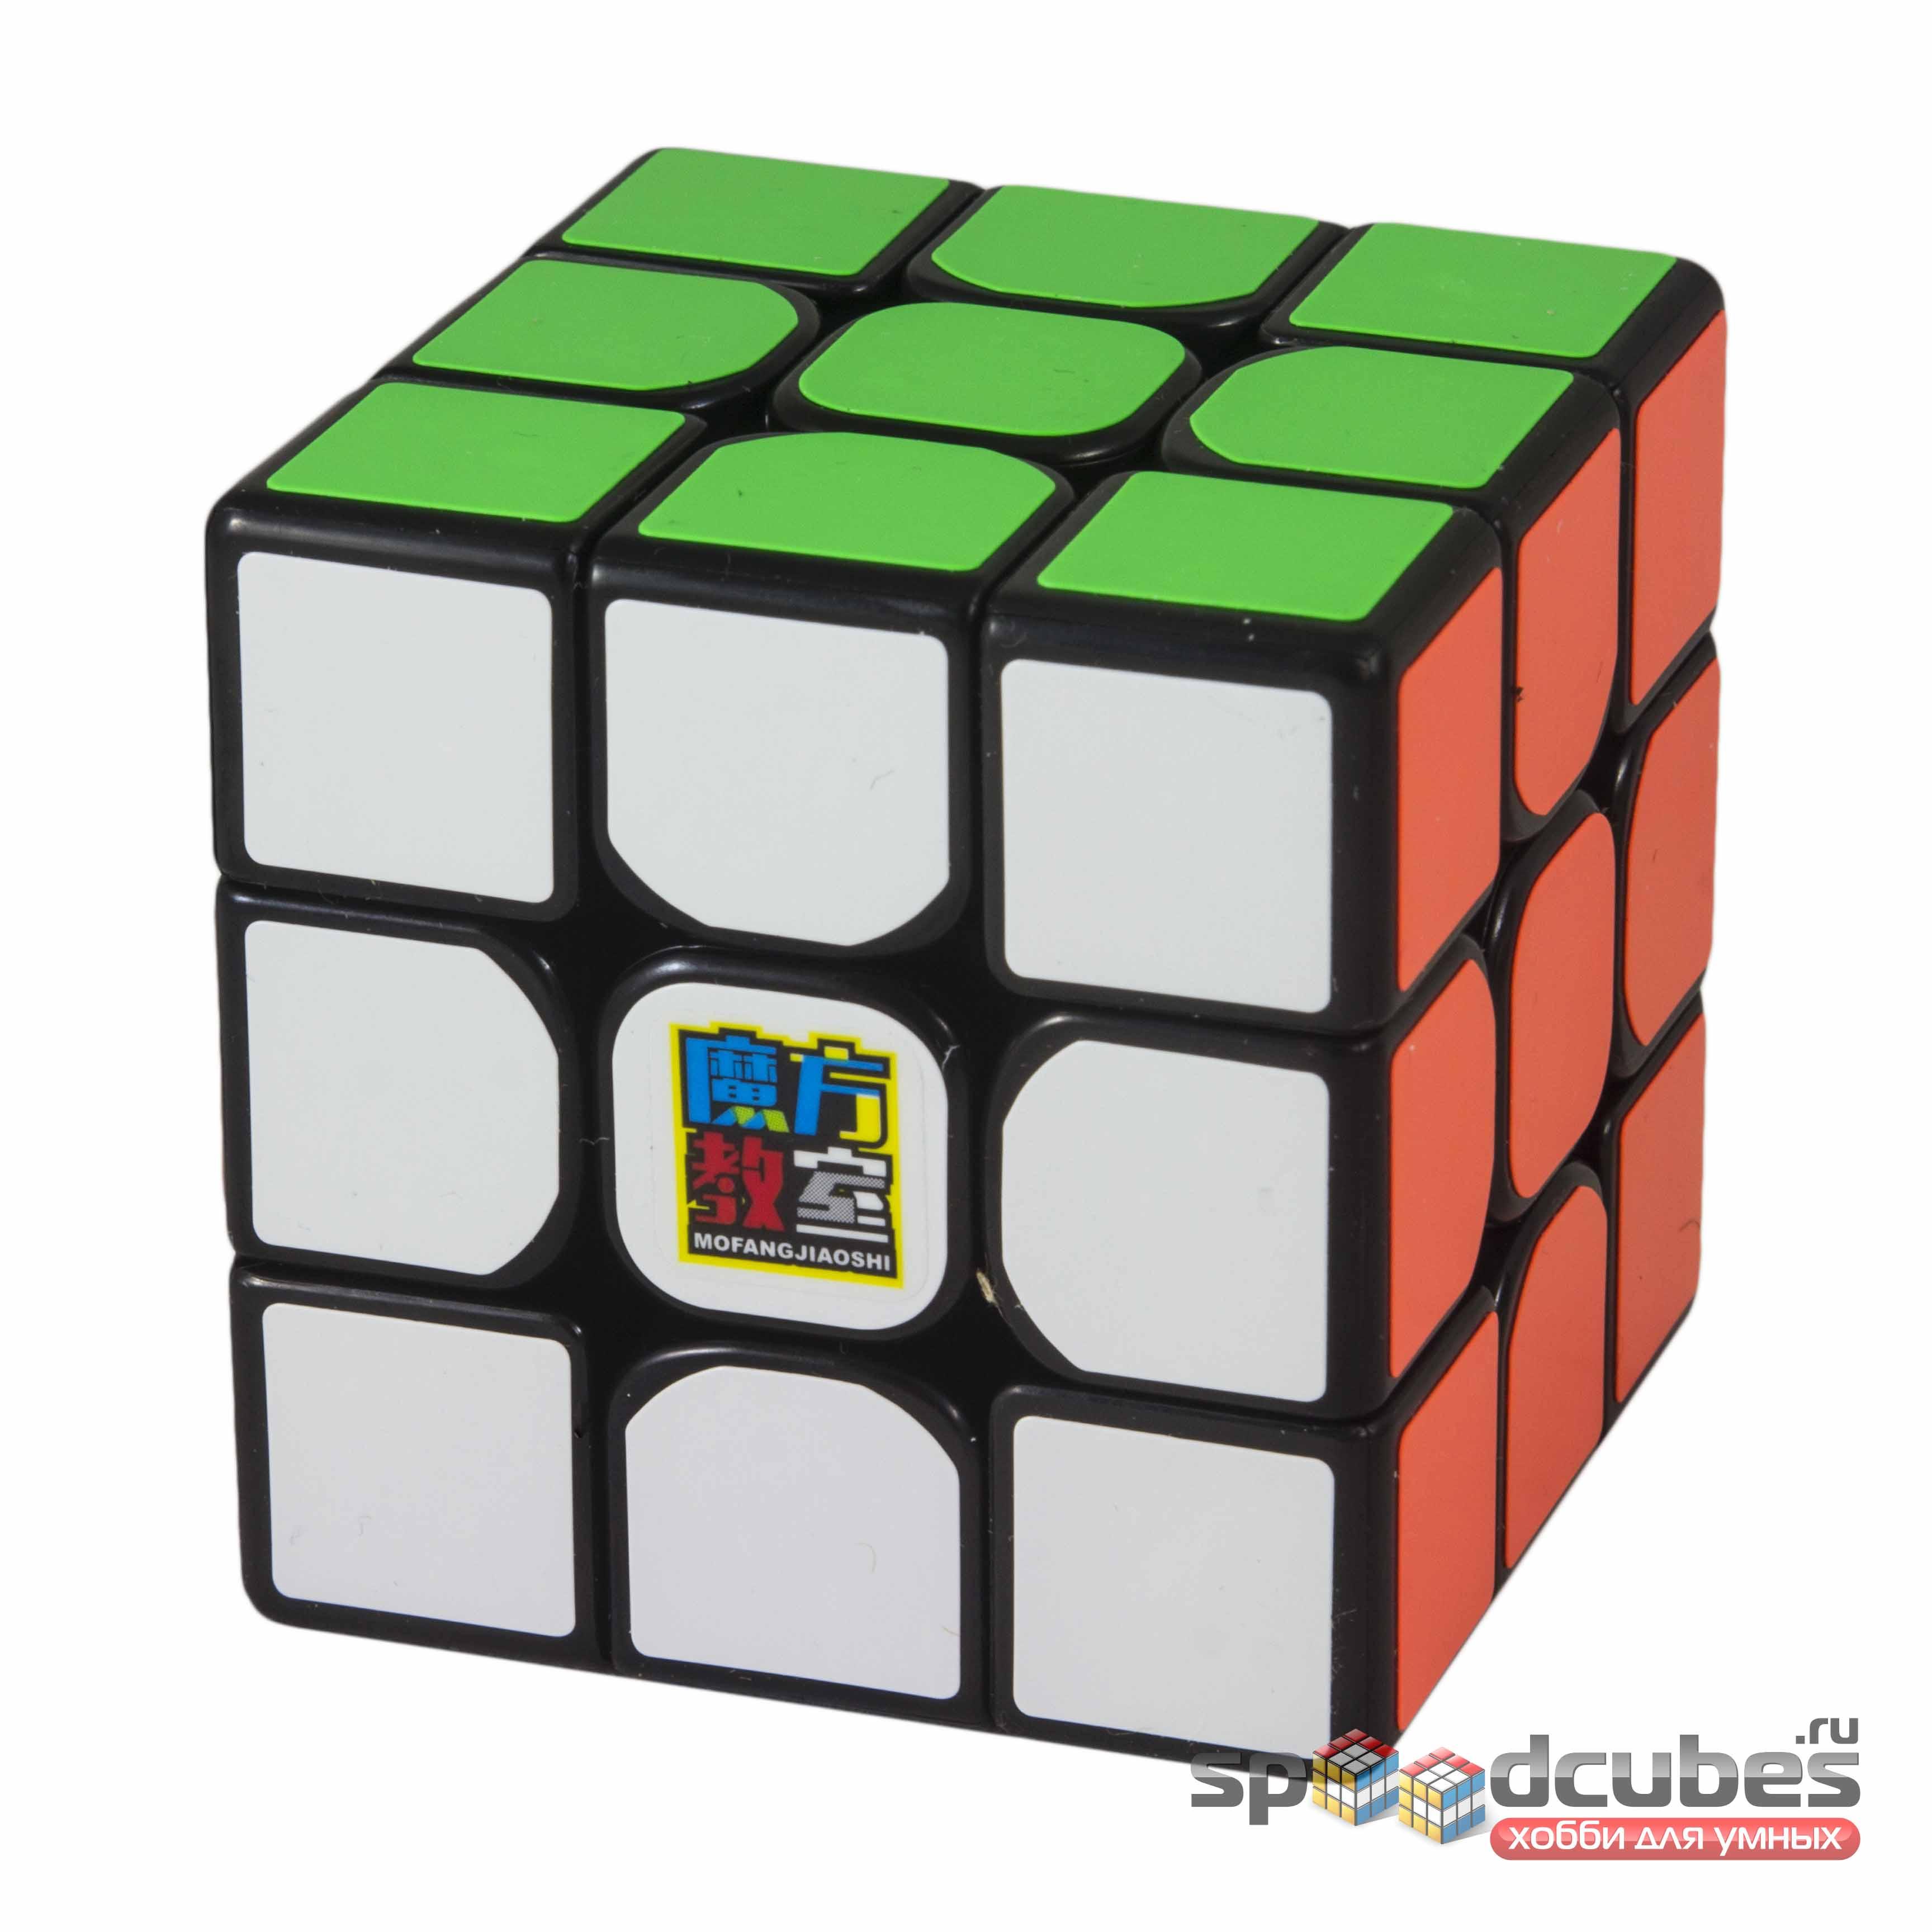 Moyu 3x3x3 Mofangjiaoshi Mf3rs2 Black 2